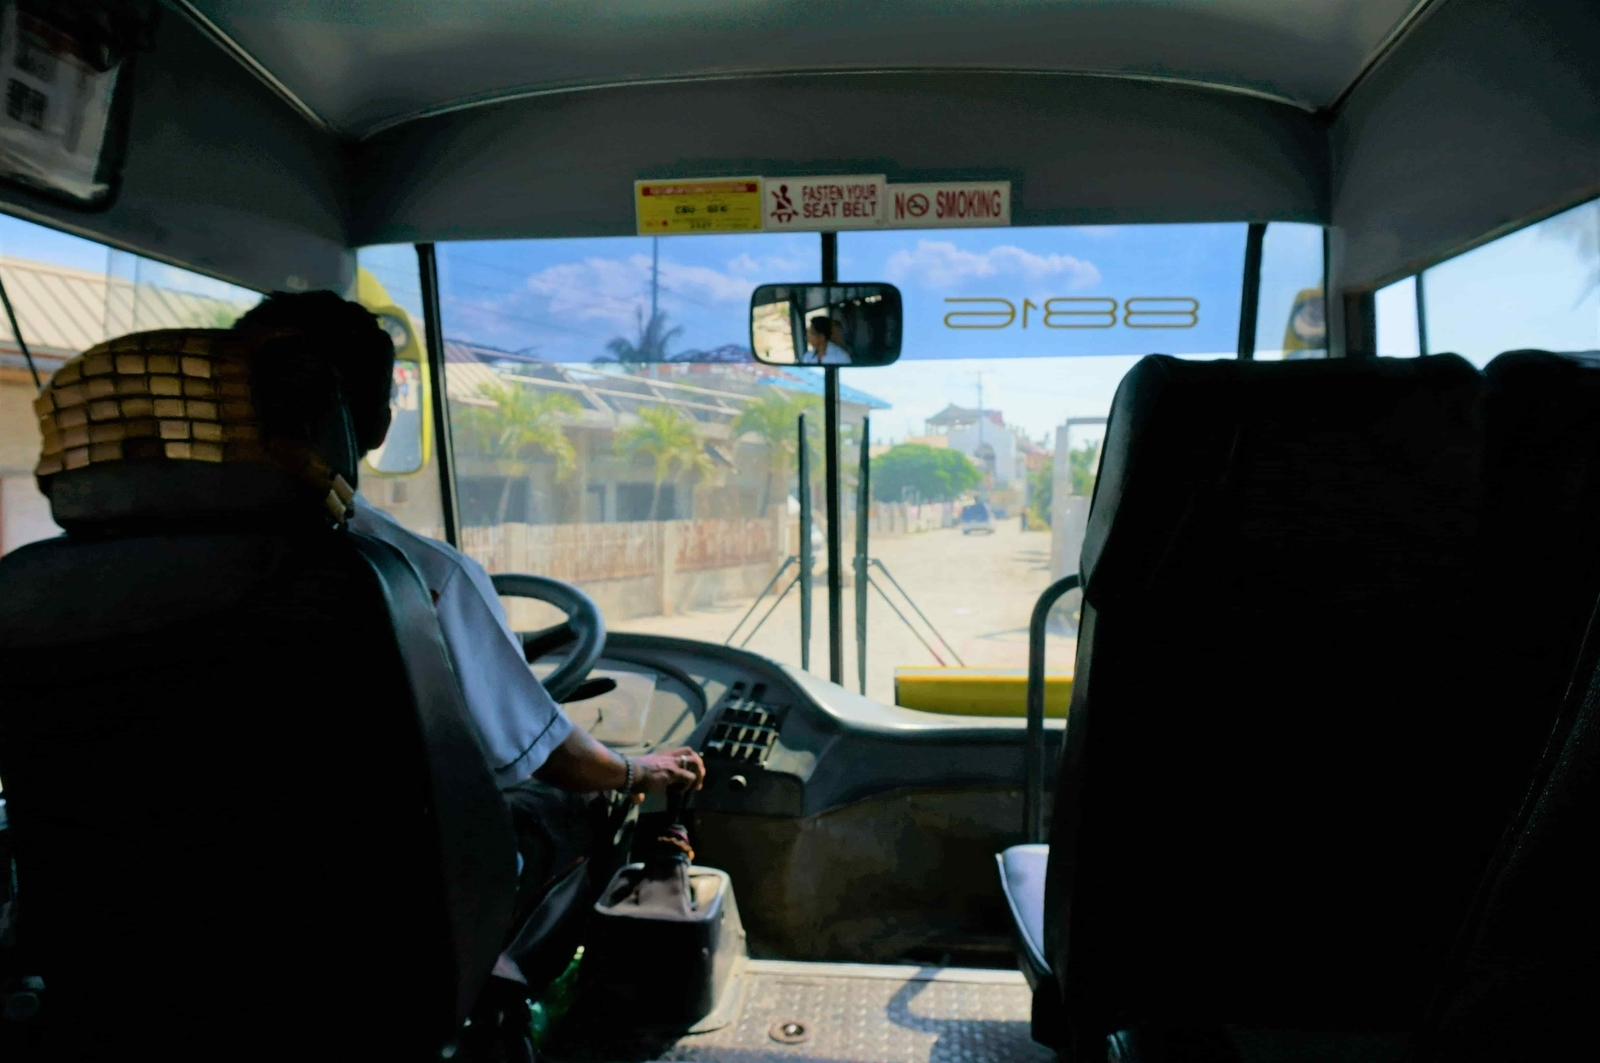 セブシティ行きのバス